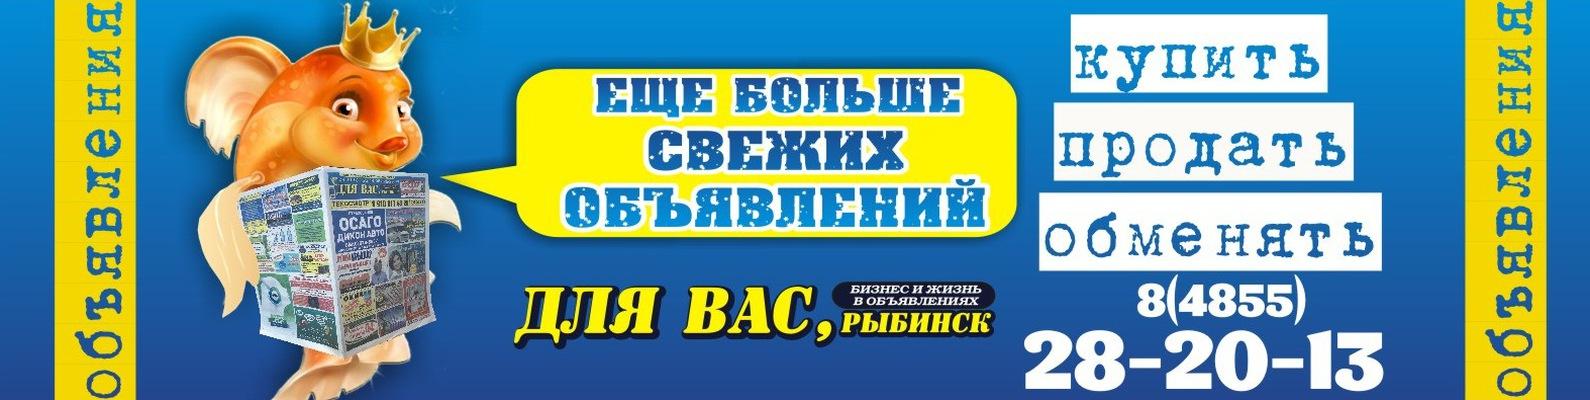 Рыбинск знакомстве объявление о